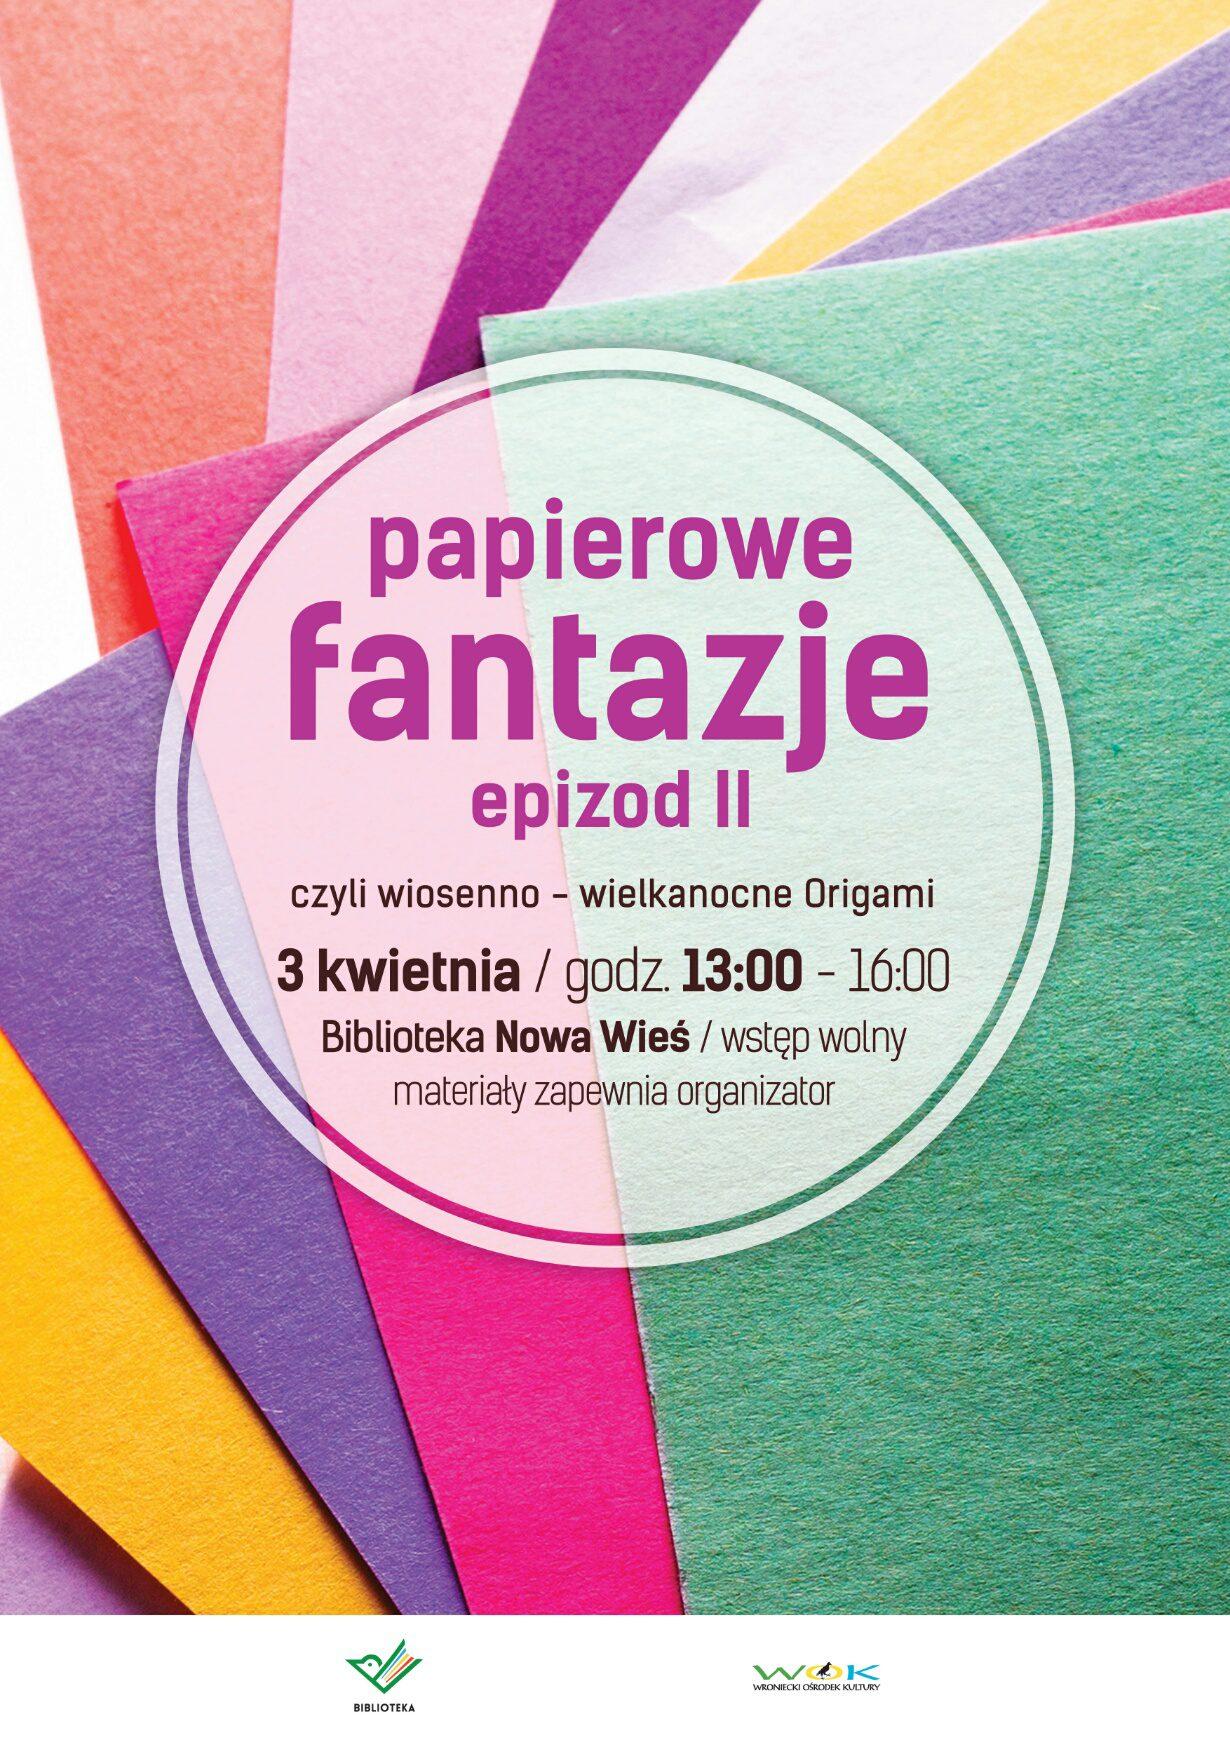 papierowe fantazje epizod II Bibliotece Nowa Wieś